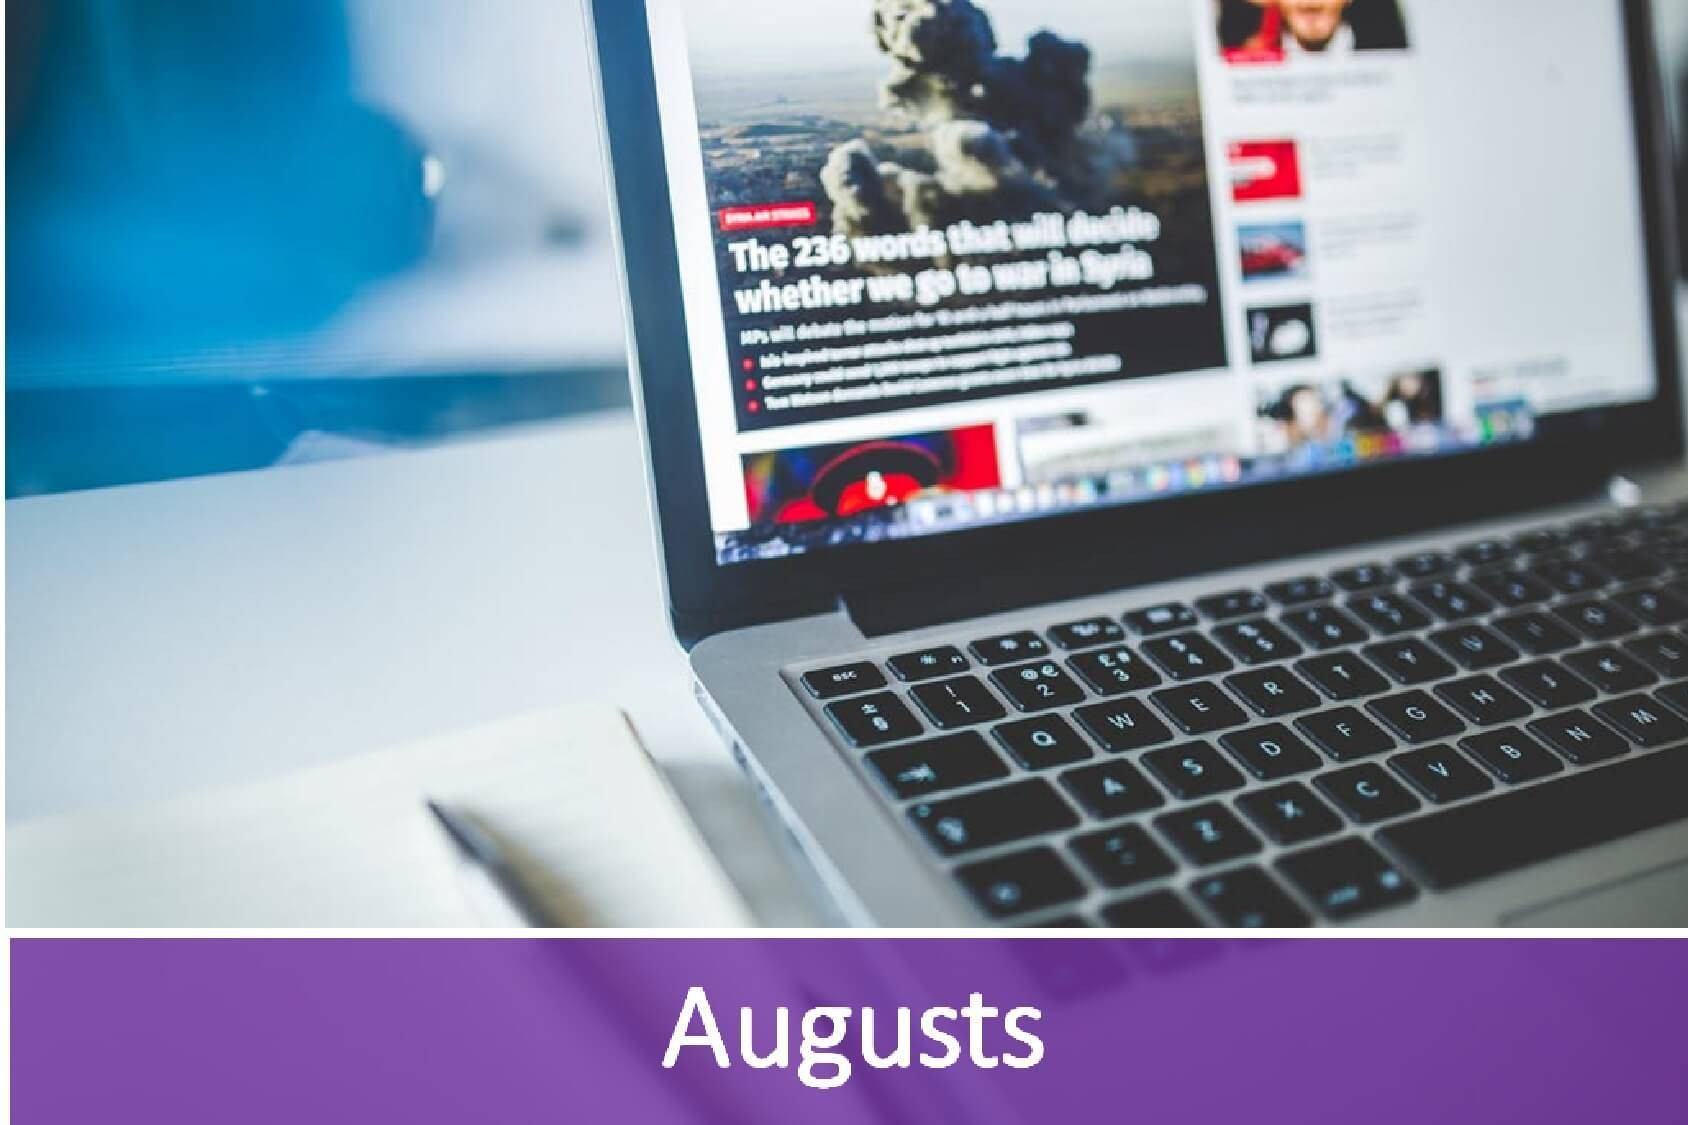 Jaunākās aktualitātes IT nozarē- augusts